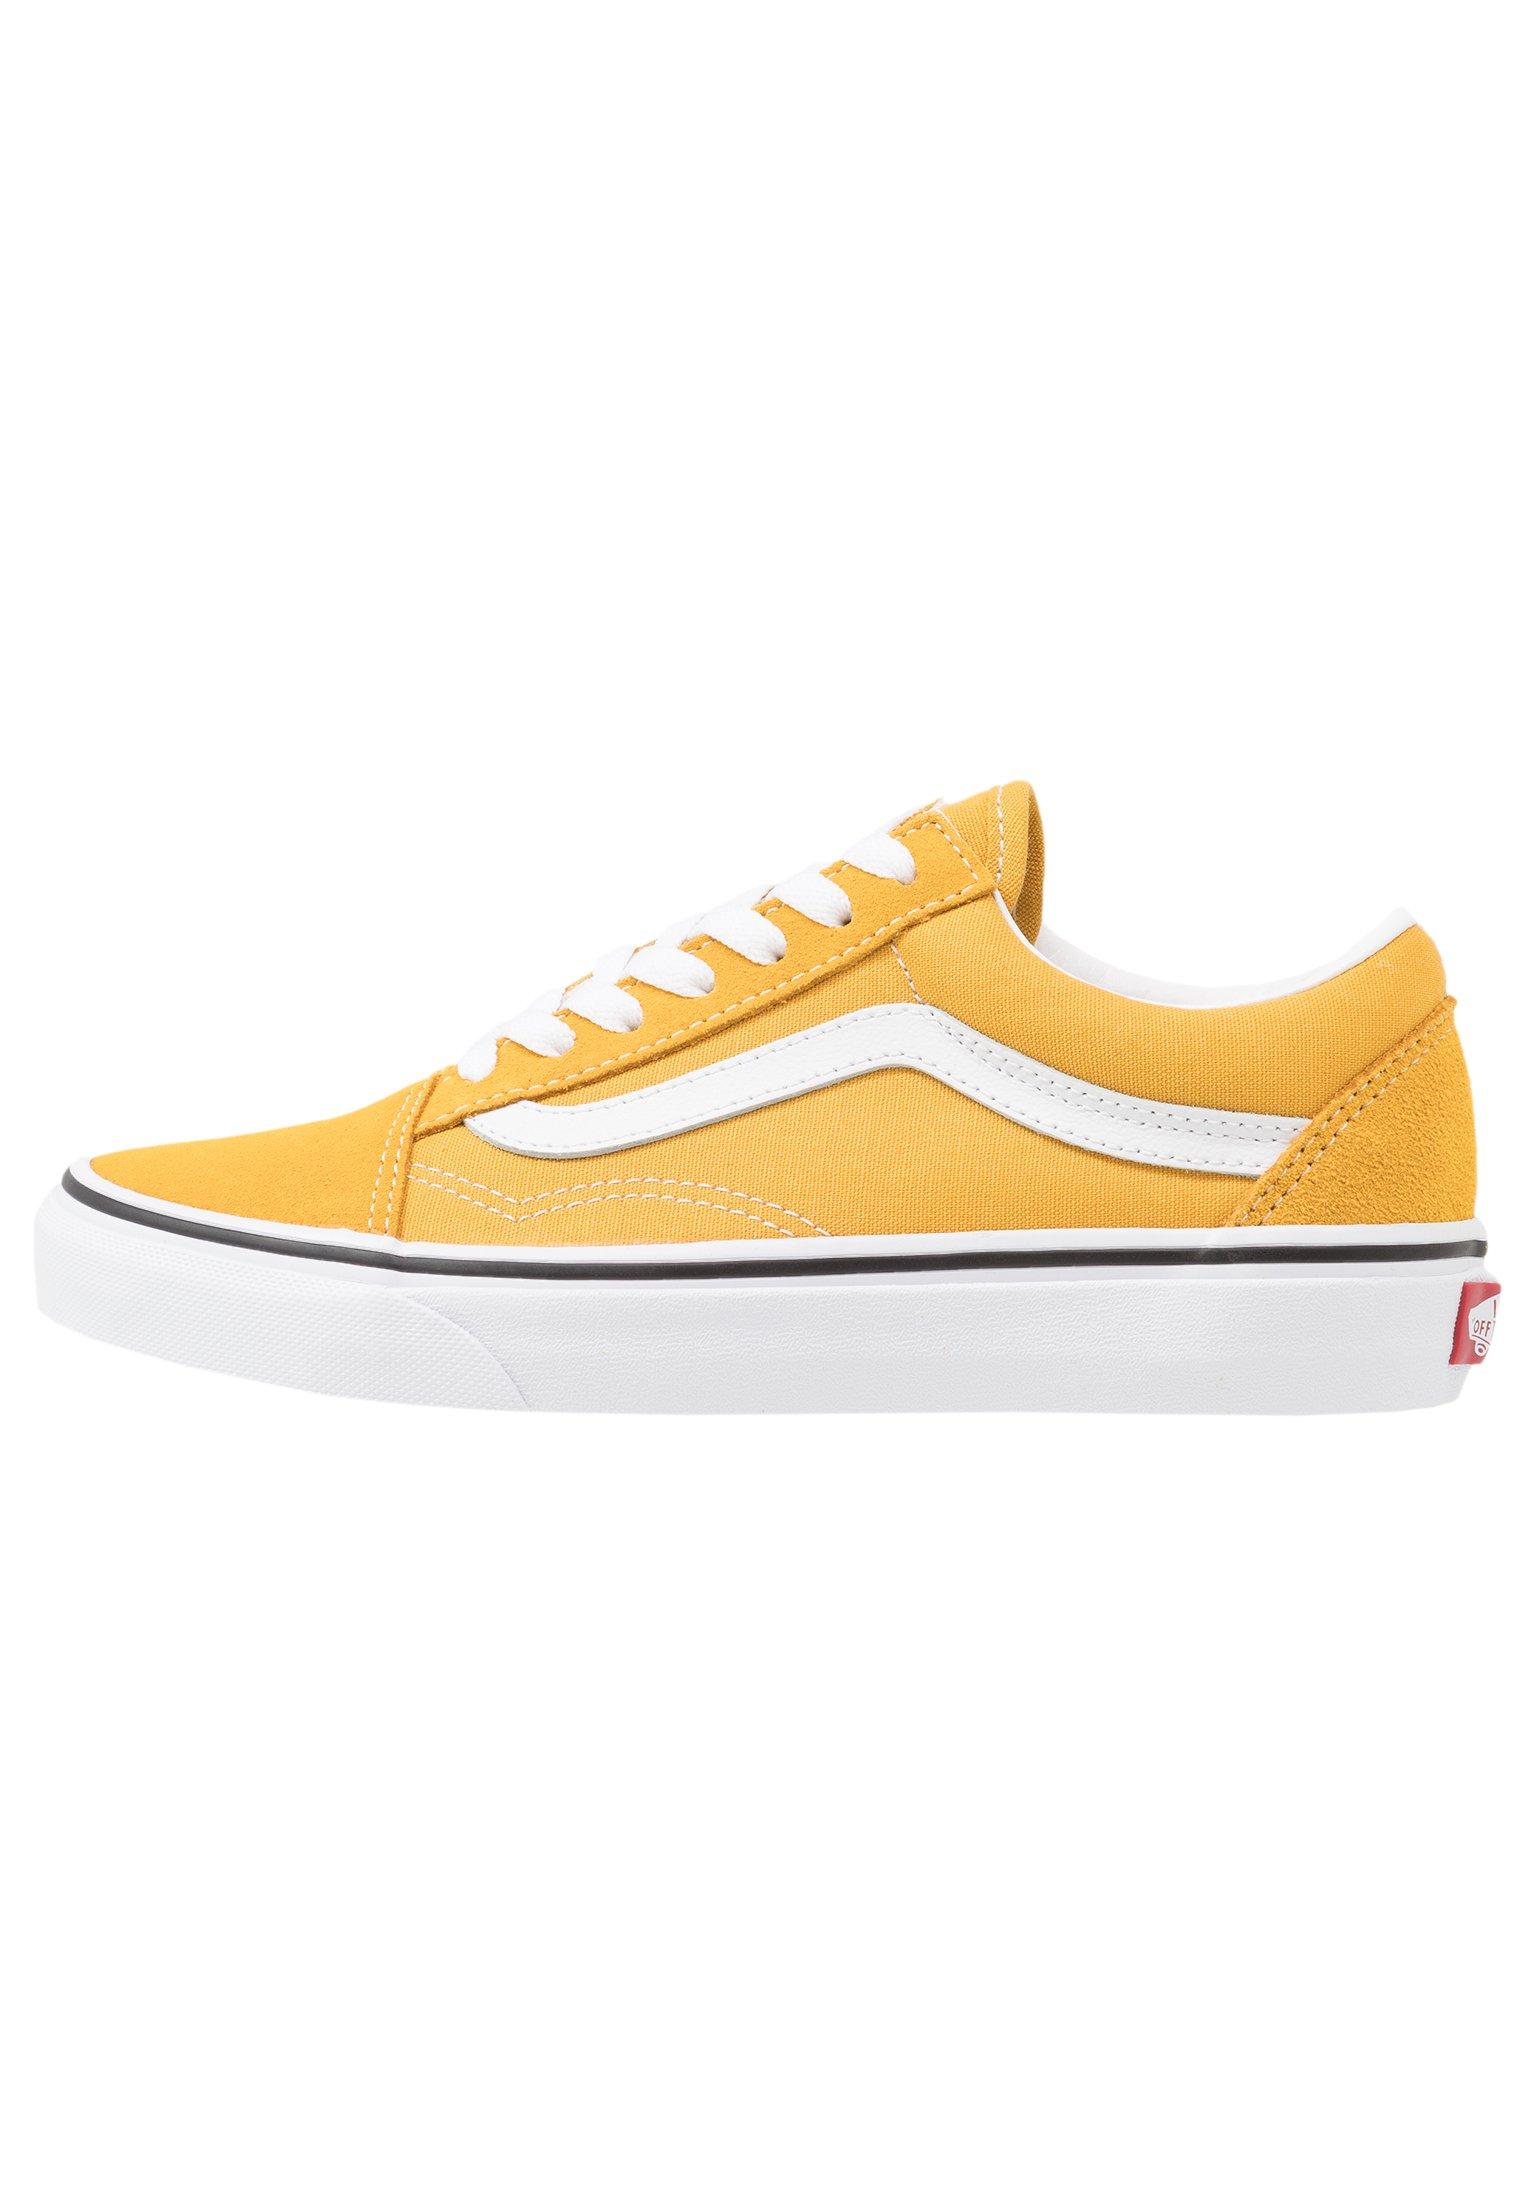 OLD SKOOL Sneaker low yolk yellowtrue white